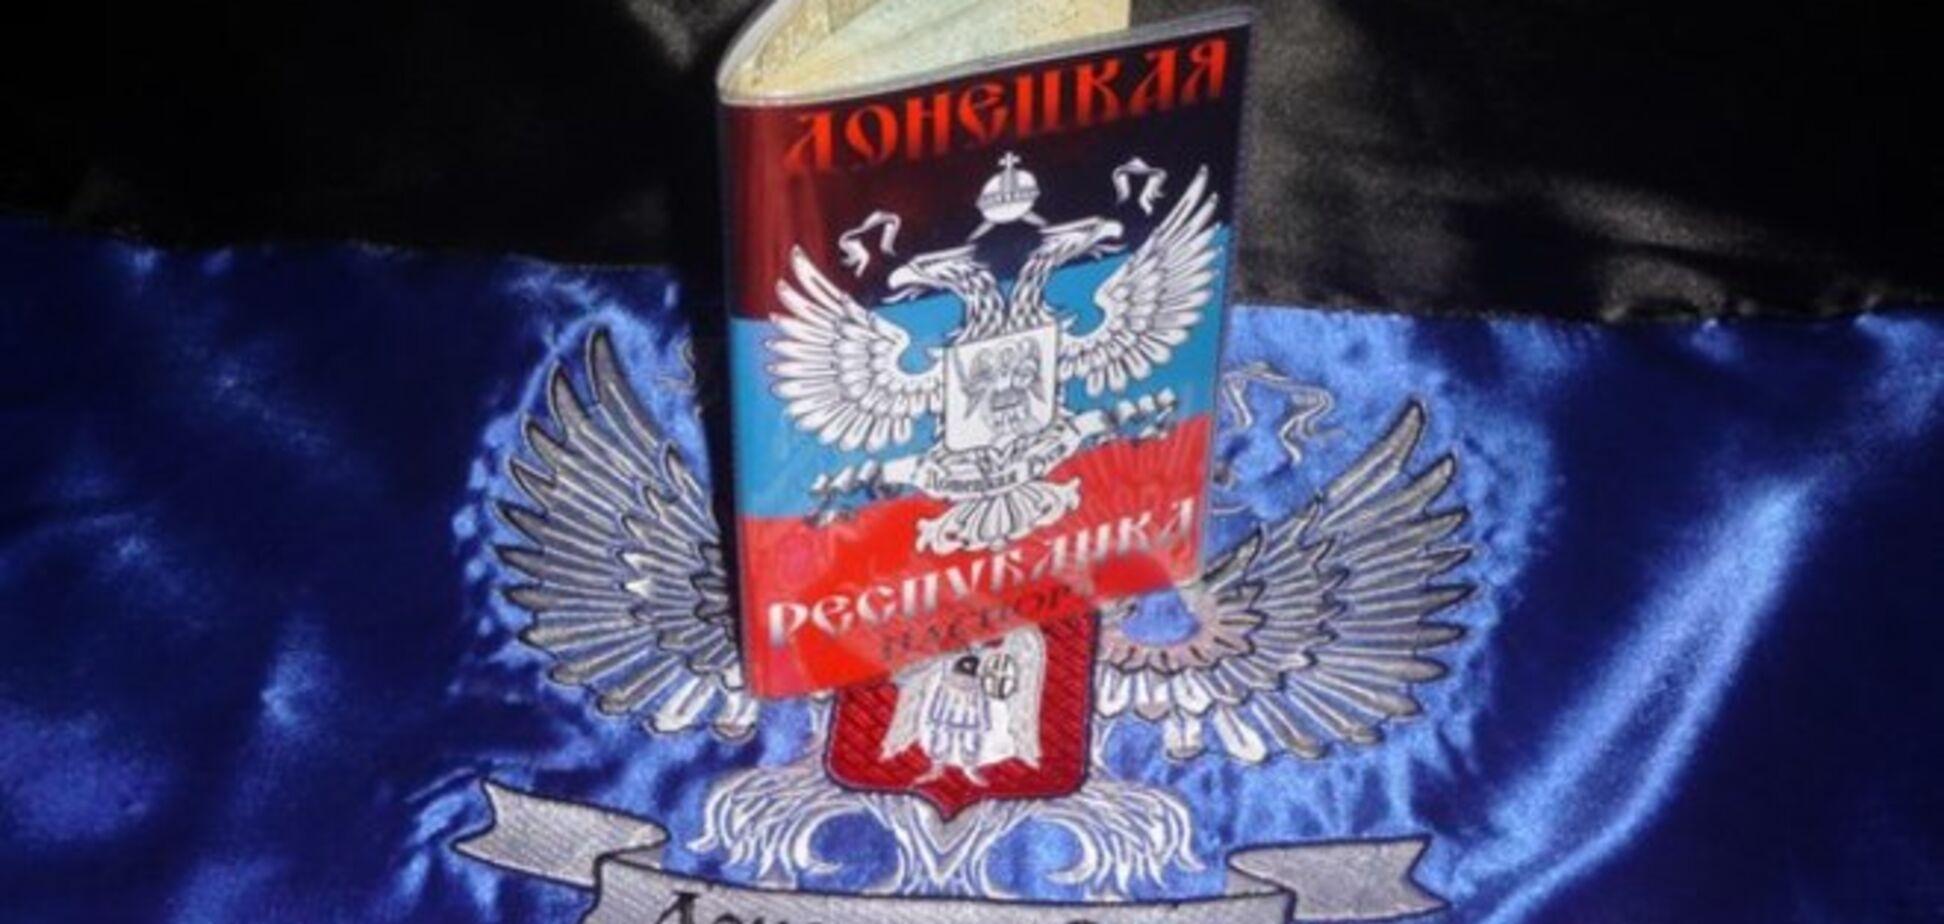 С понедельника украинцам будут выдавать паспорта несуществующей 'ДНР'